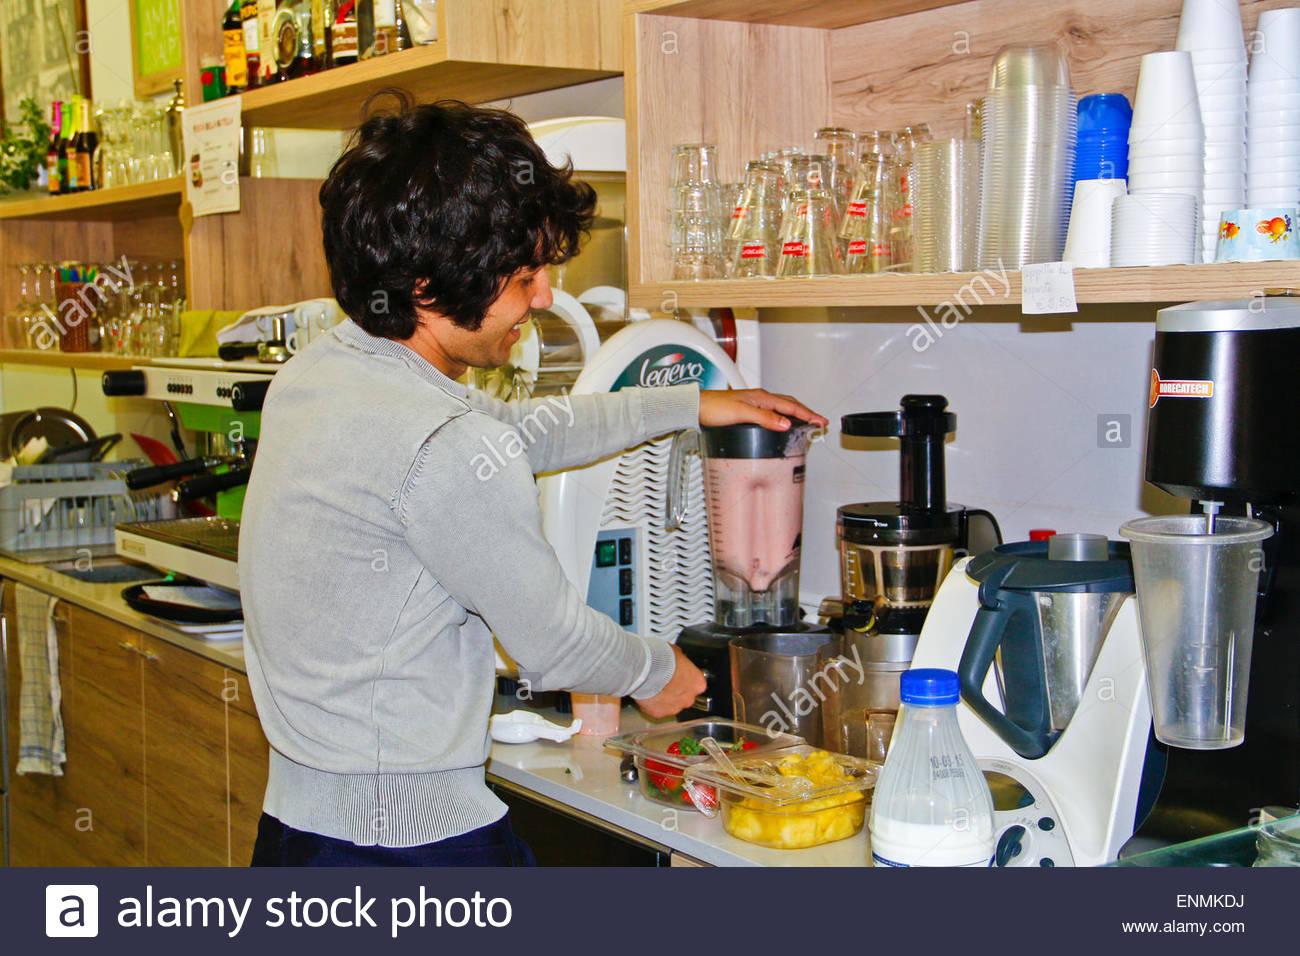 Hübscher junge Kellner Getränke vorbereiten. Italien Stockfoto, Bild ...